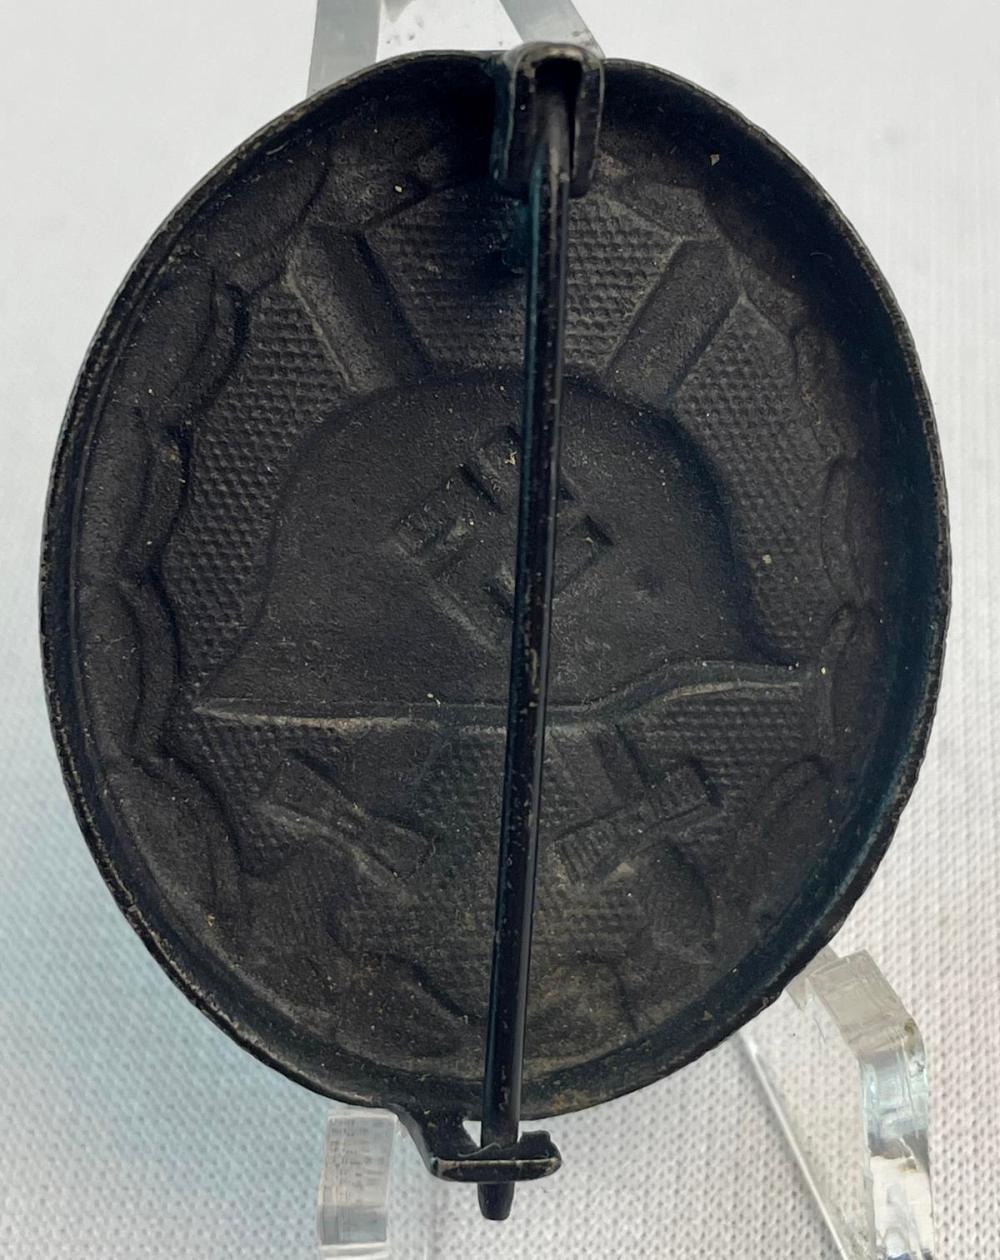 Vintage German WWII Black Wound Helmet / Crossed Swords Badge